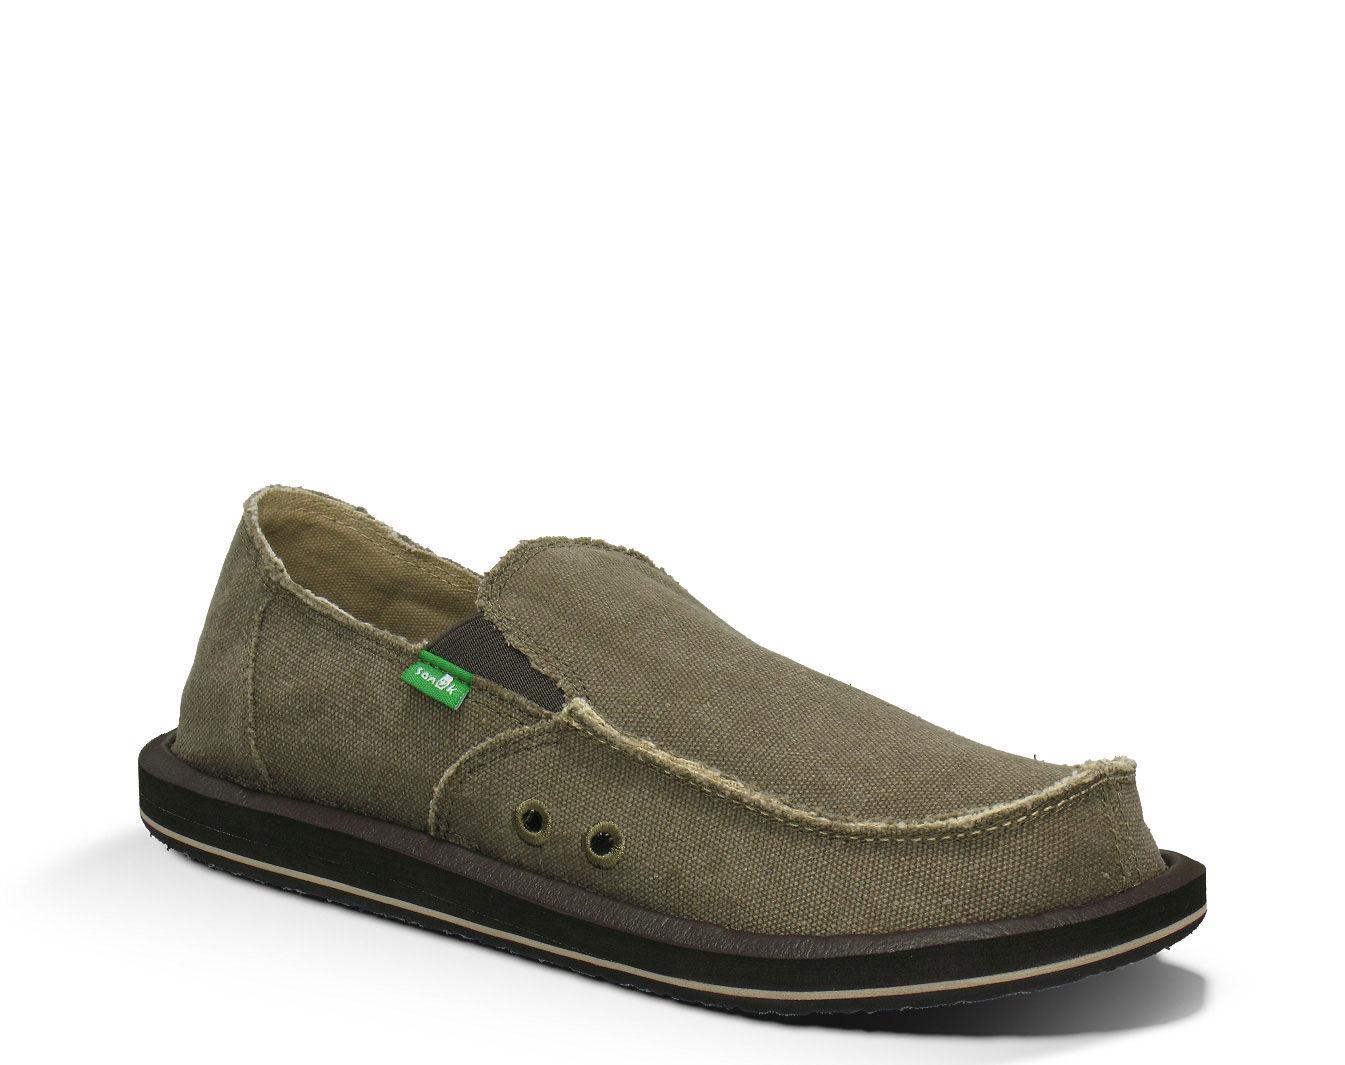 Sanuk Men's Vagabond Big & Tall Sandals - Charcoal 17